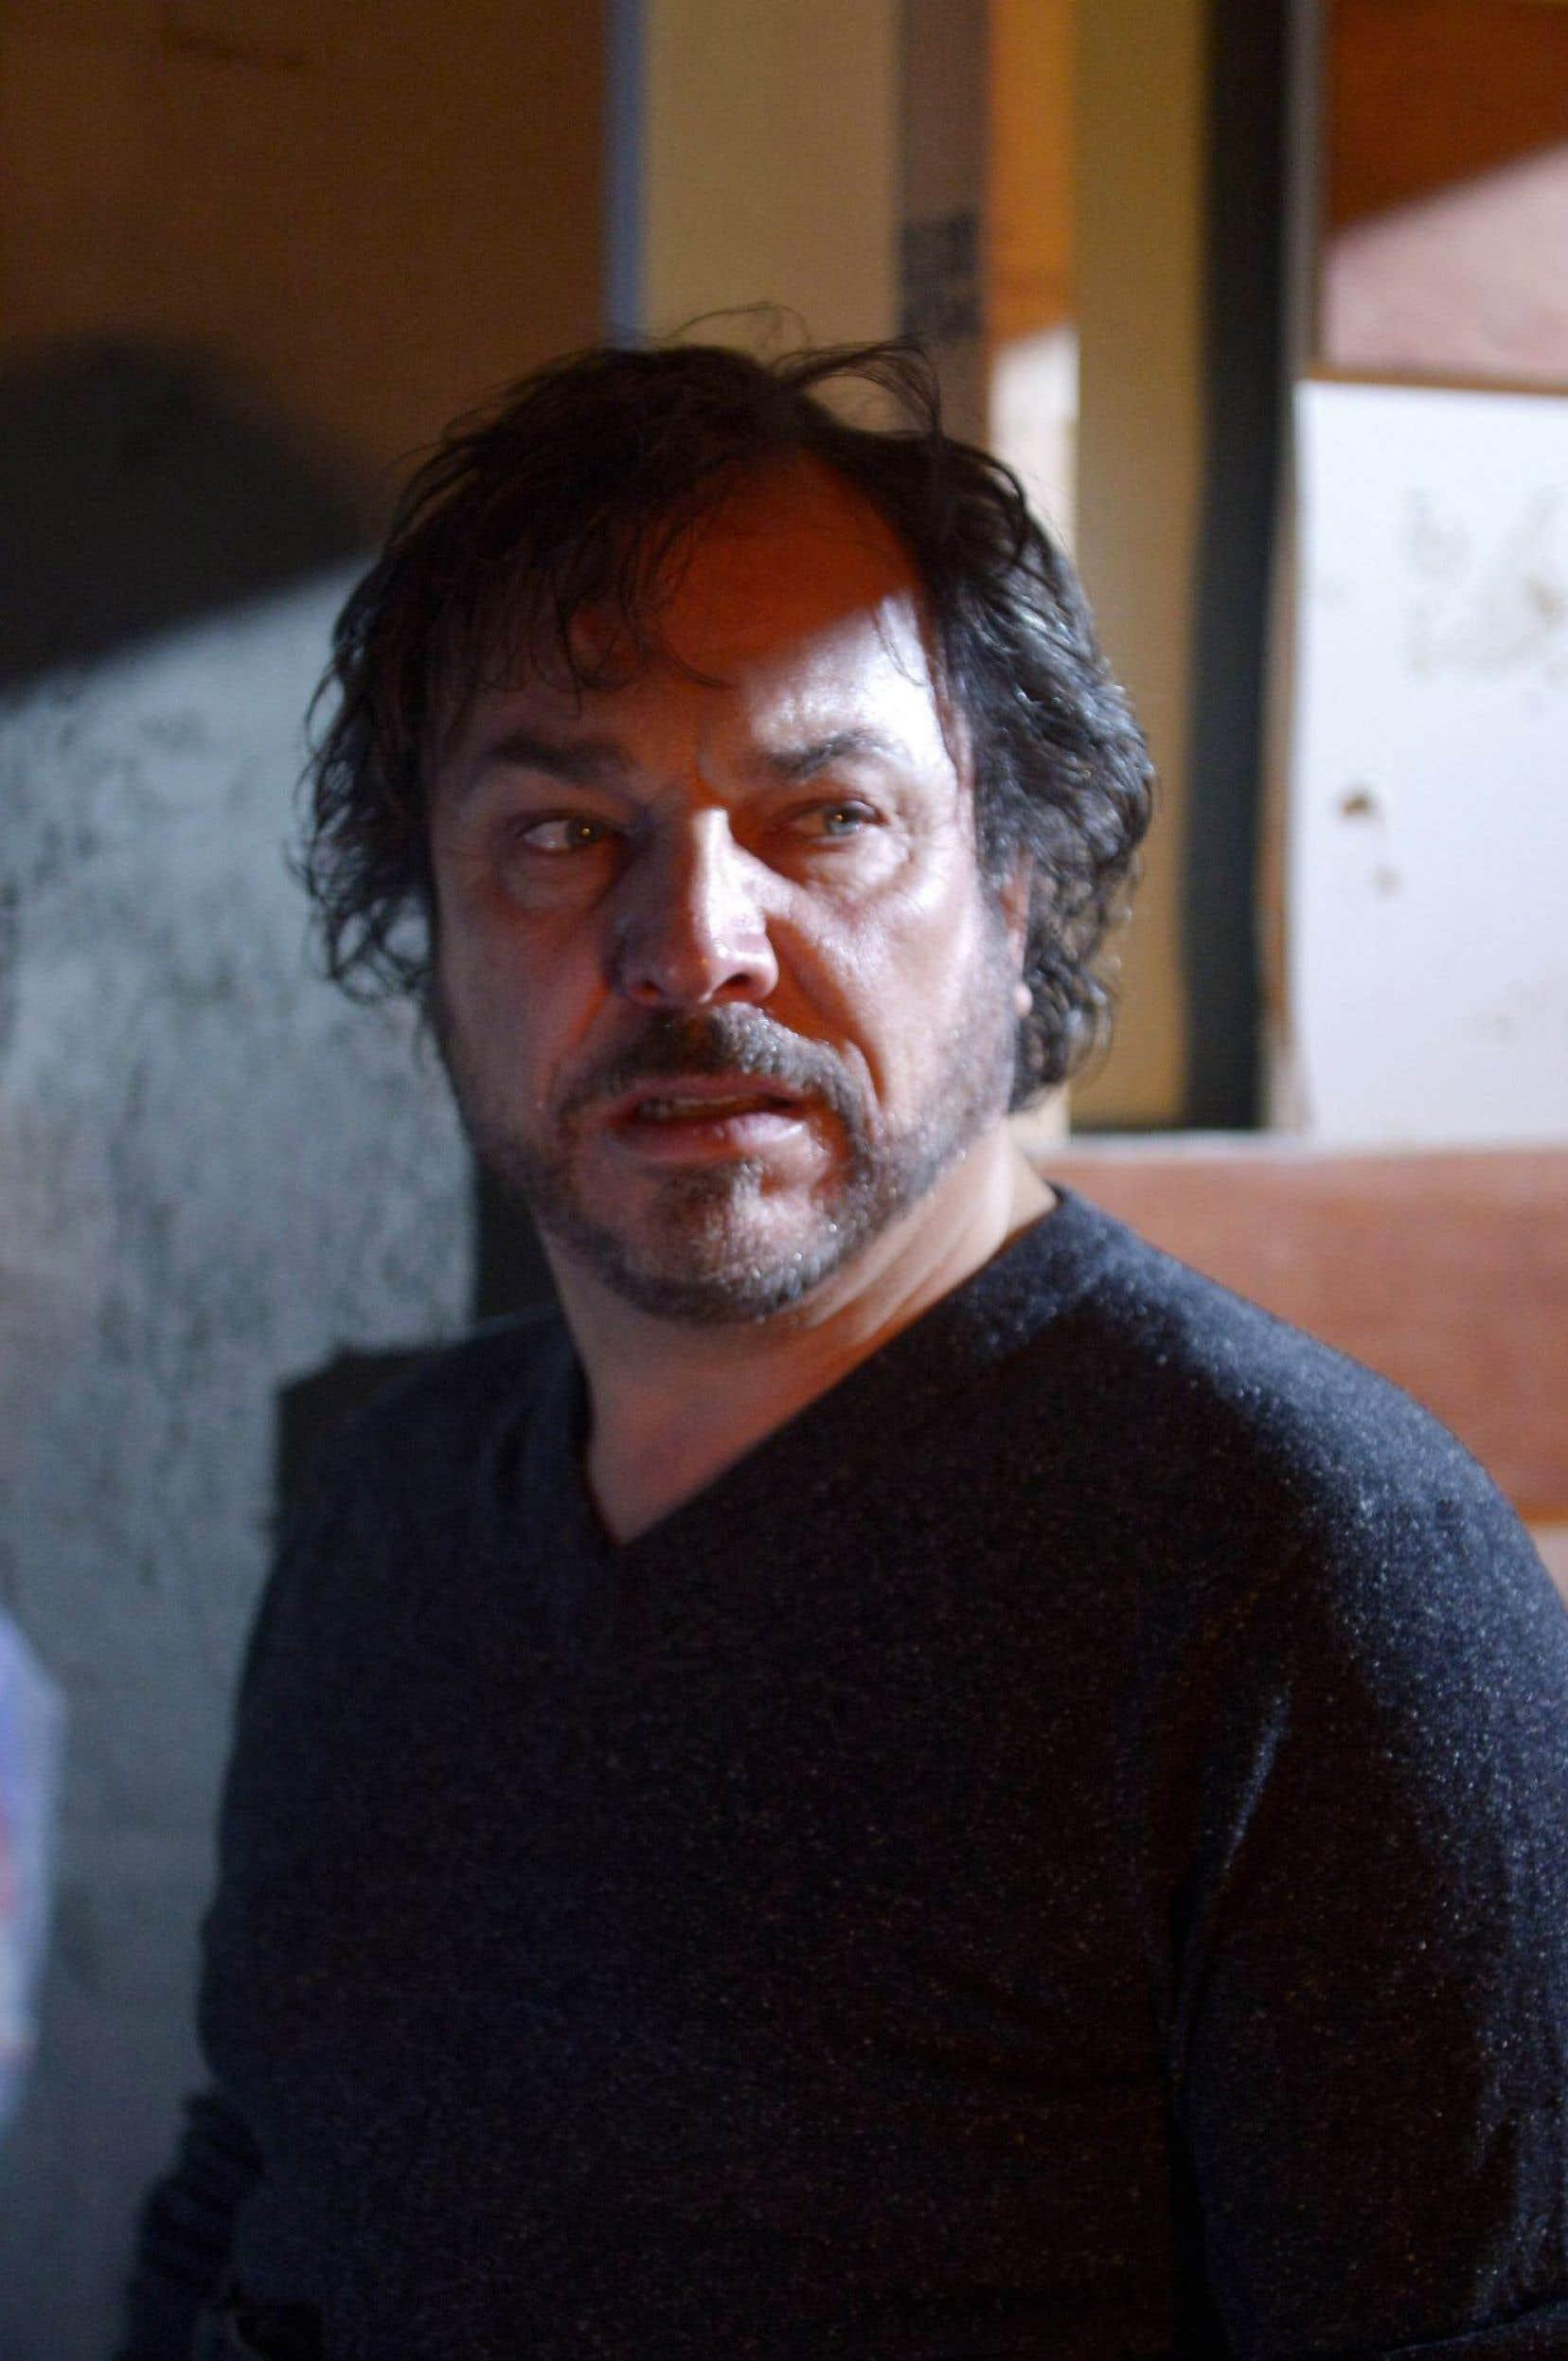 «Un problème d'infiltration», le nouveau film de Robert Morin, dans lequel Christian Bégin incarne un chirurgien esthétique en proie à une grave crise existentielle, sera présenté durant le festival.